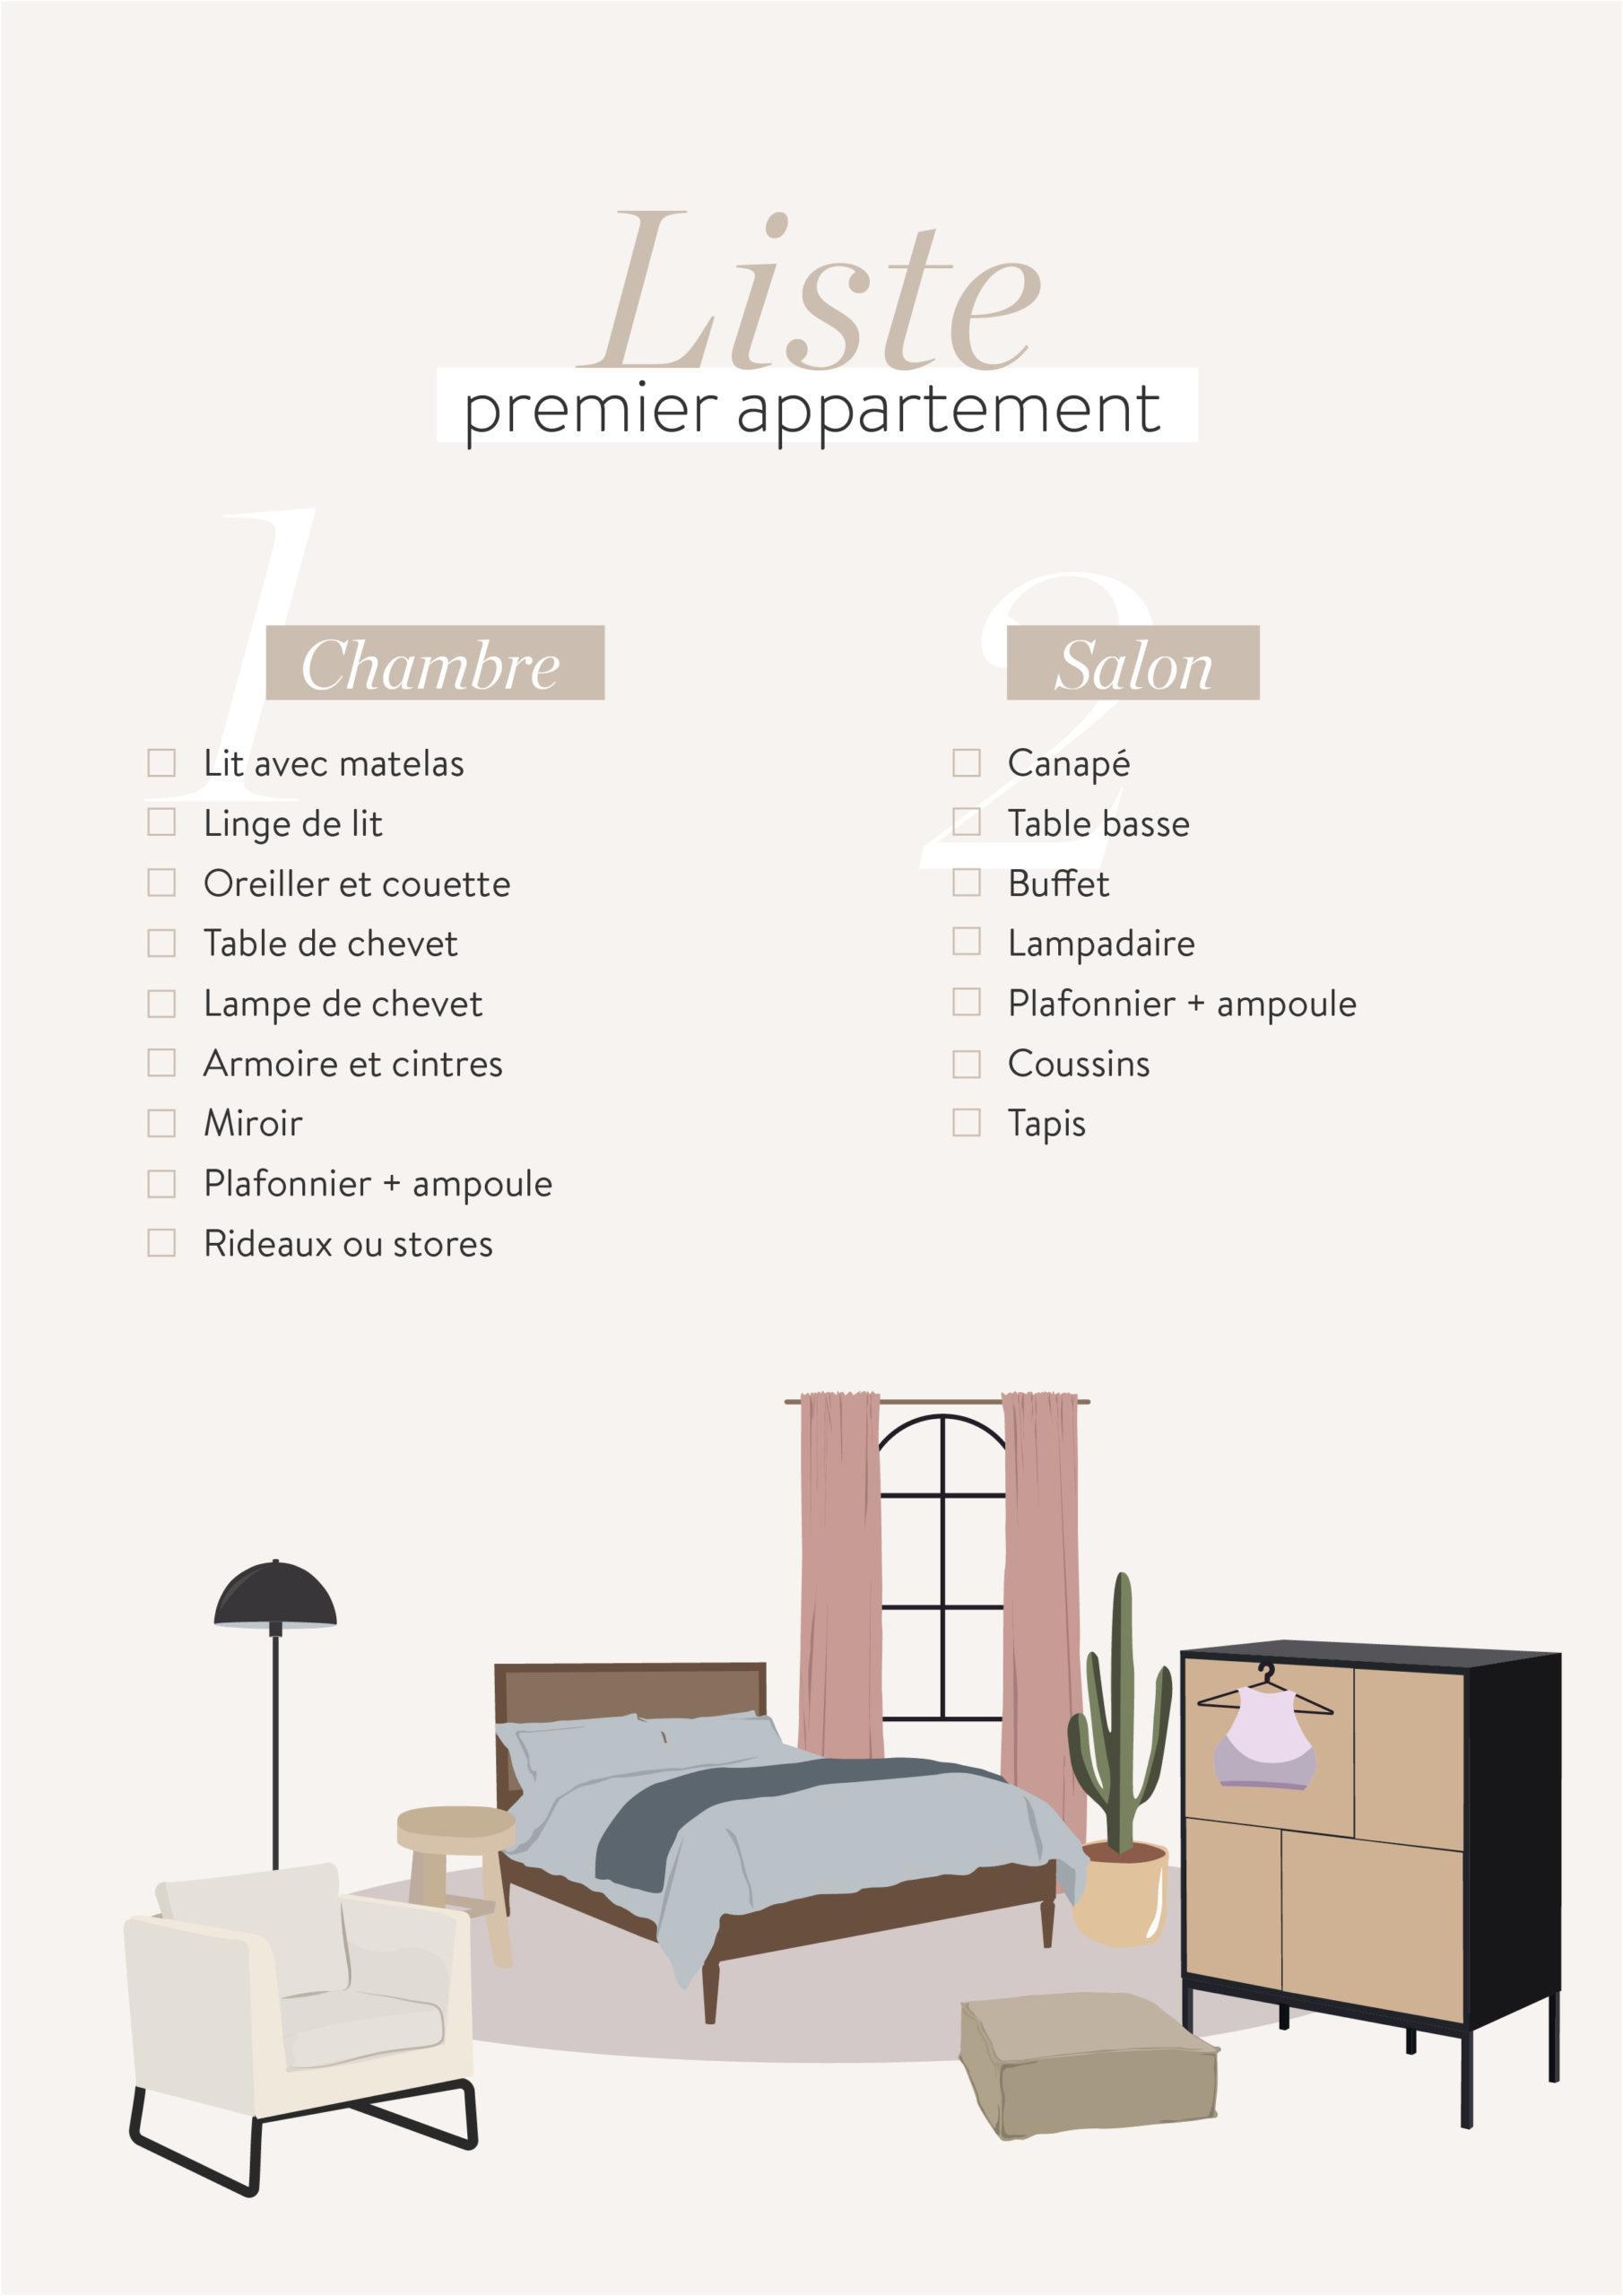 liste premier appartement